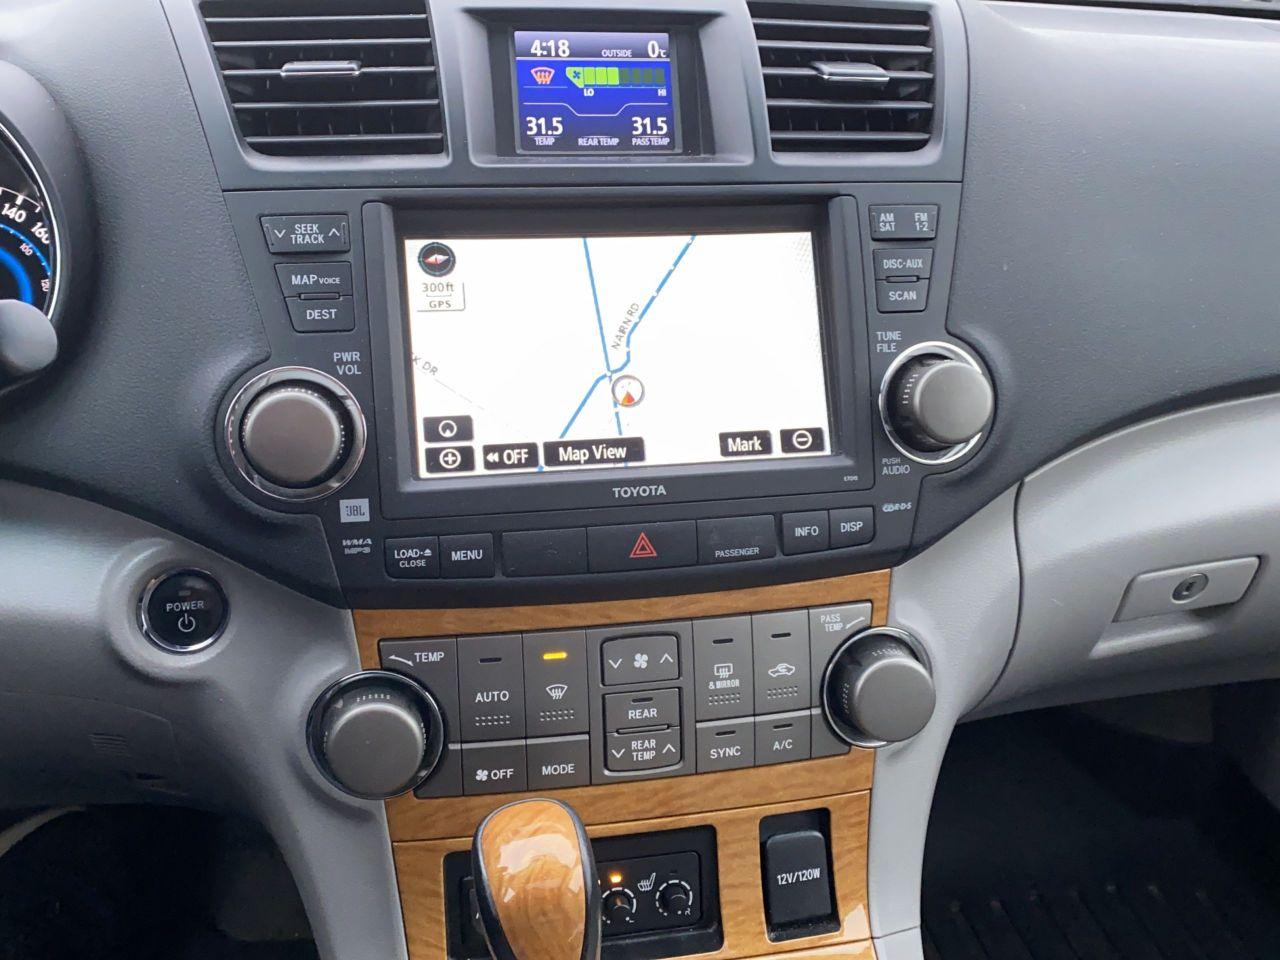 2008 Toyota Highlander Hybrid